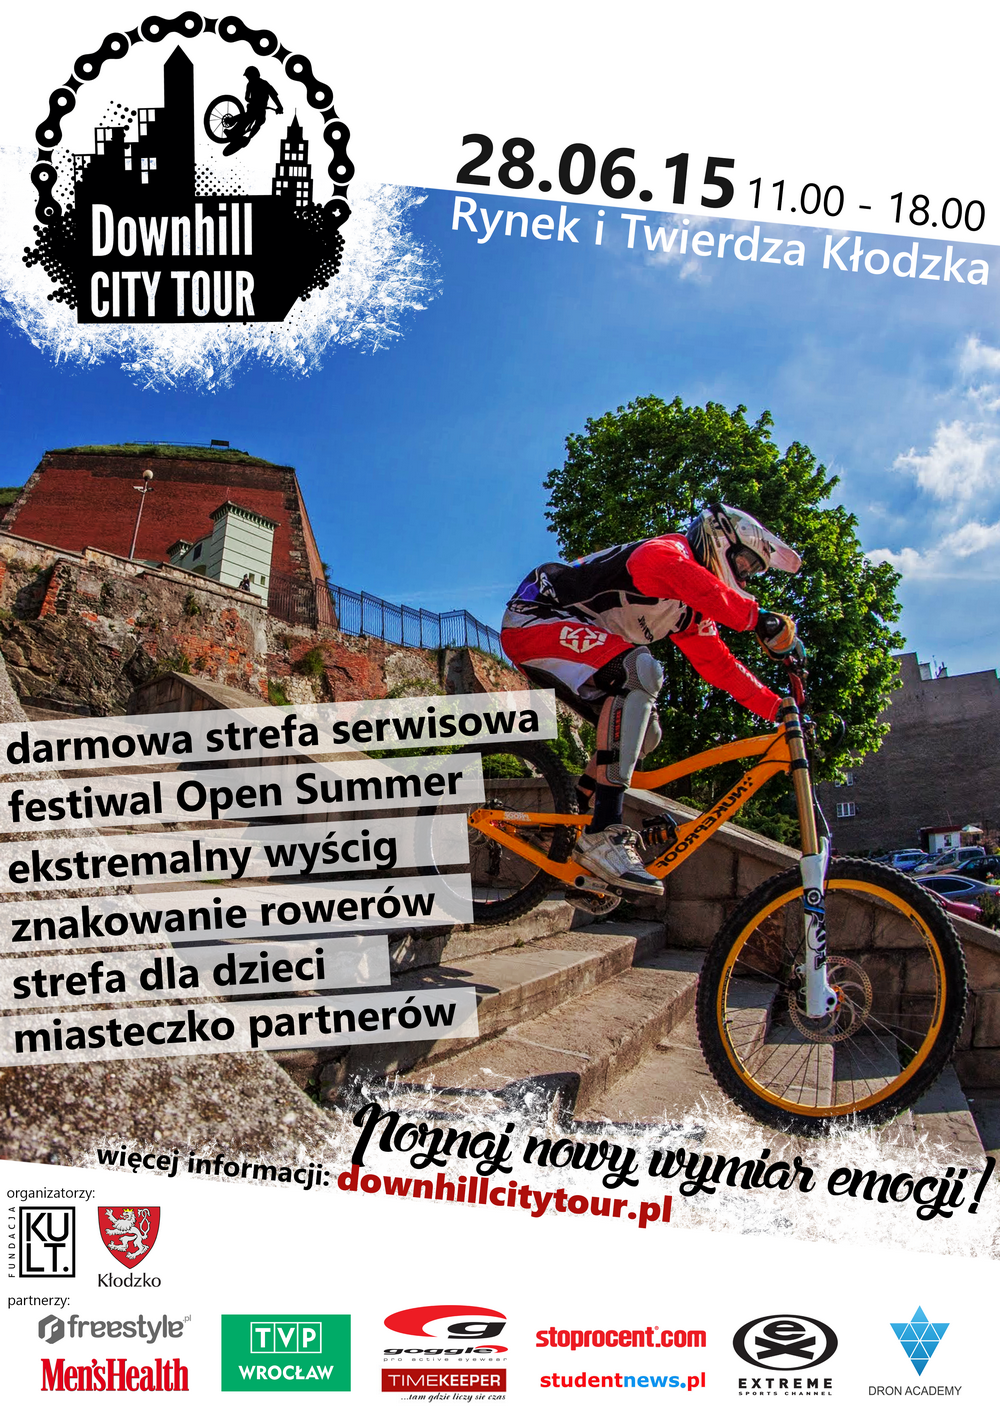 Downhill City Tour Kłodzko – zaproszenie + oświadczenie